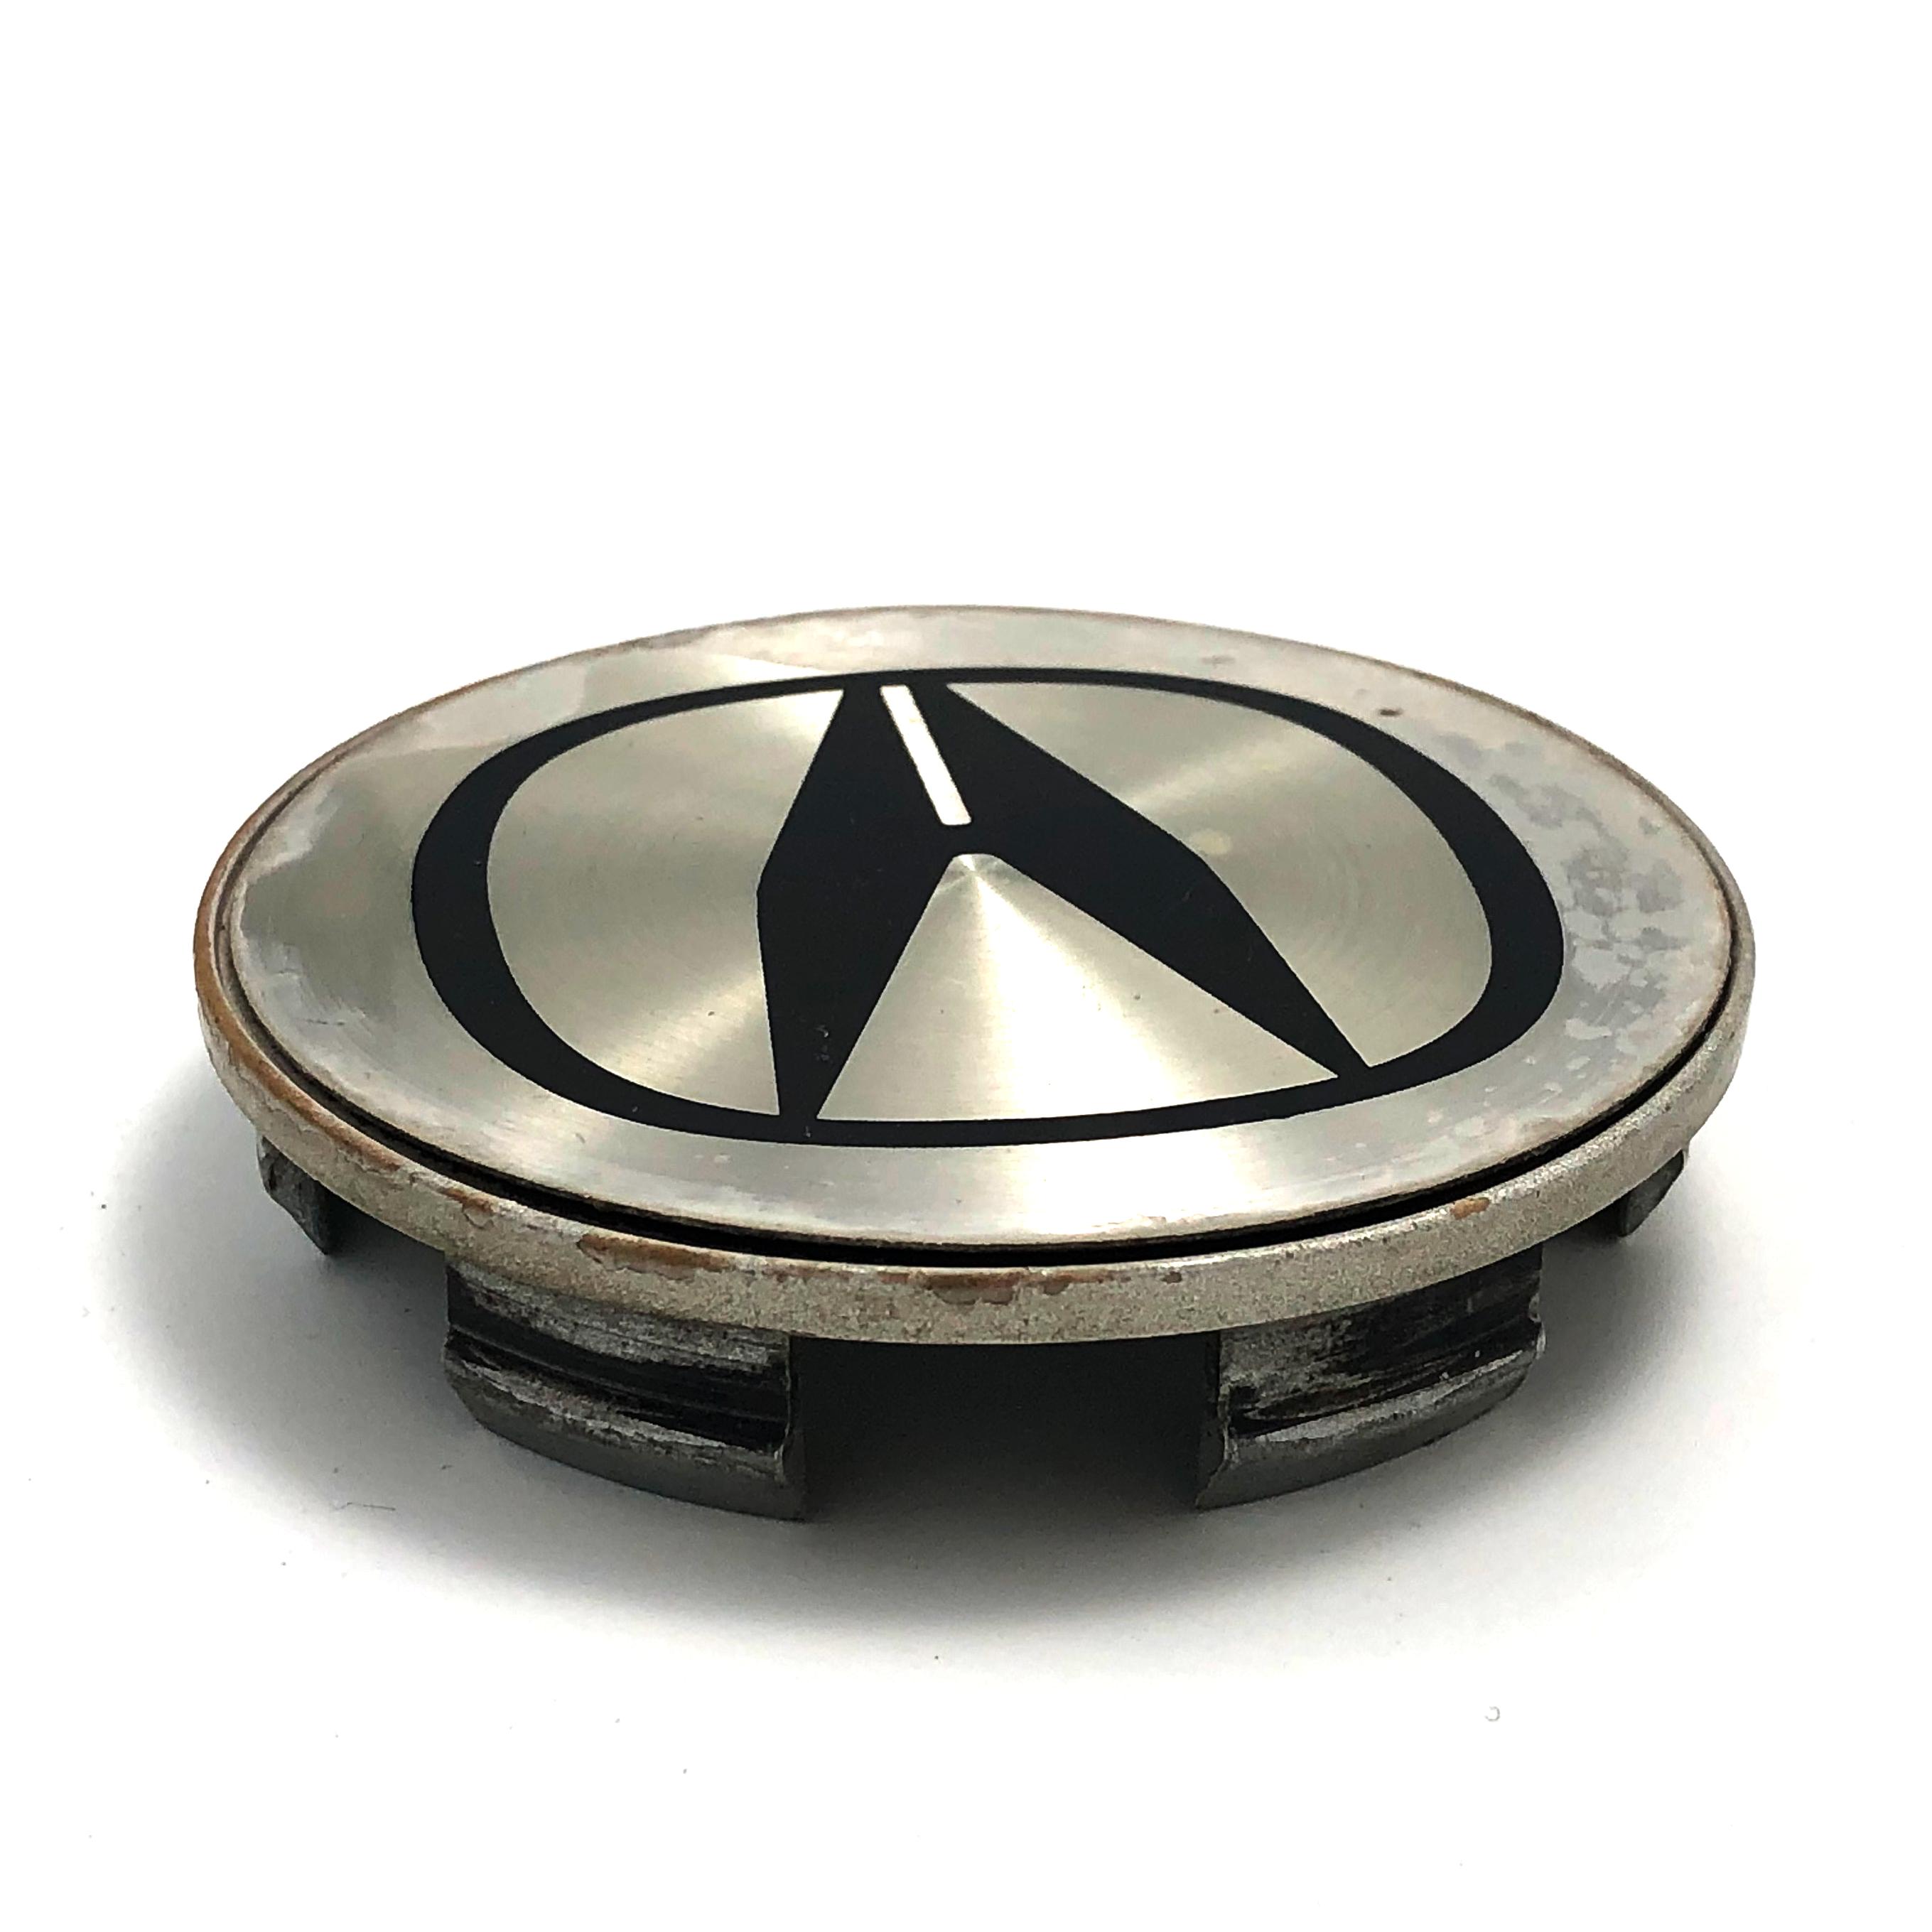 Acura TL EL MDX CL CSX Alloy Wheel Center Cap OEM 44732